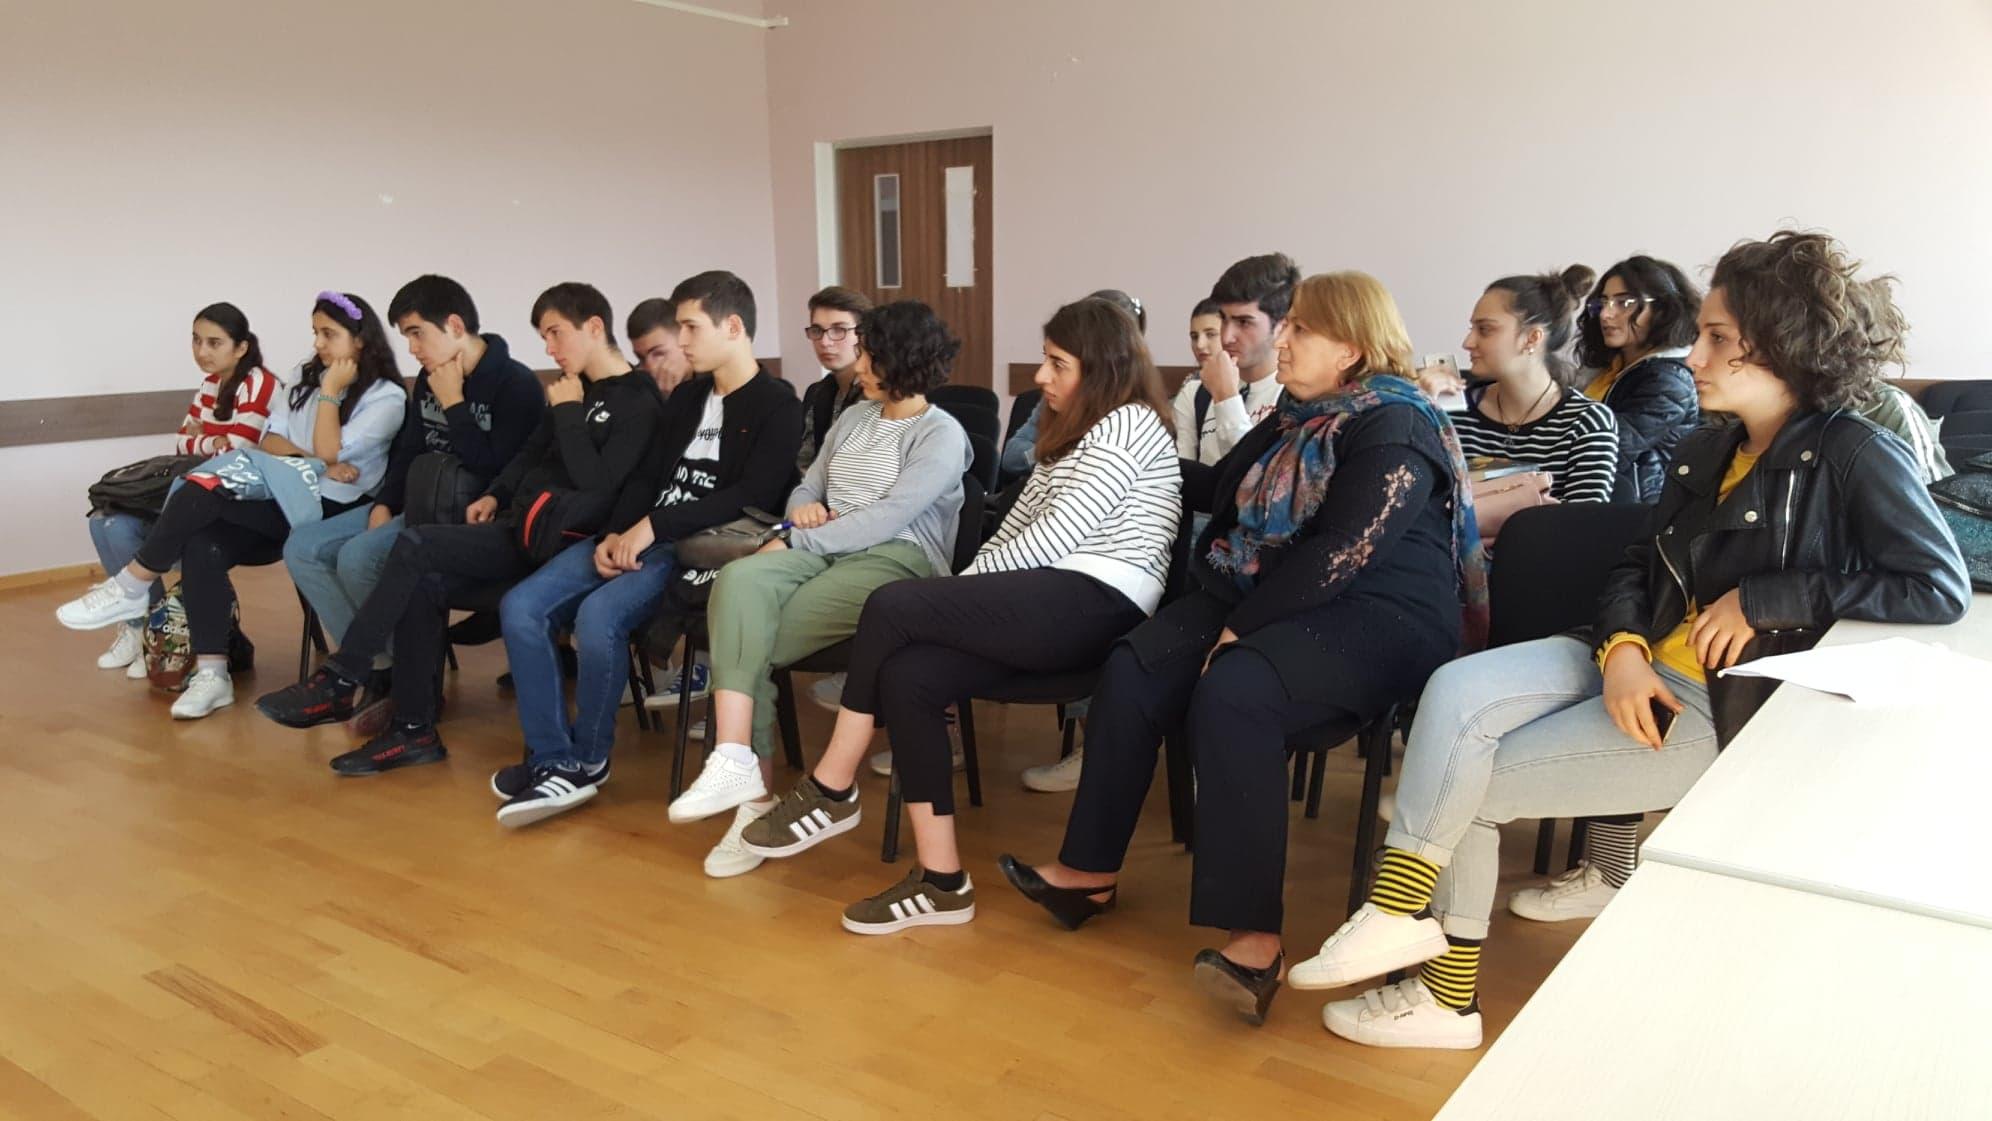 საინფორმაციო შეხვედრა ტყვიავის საჯარო სკოლაში